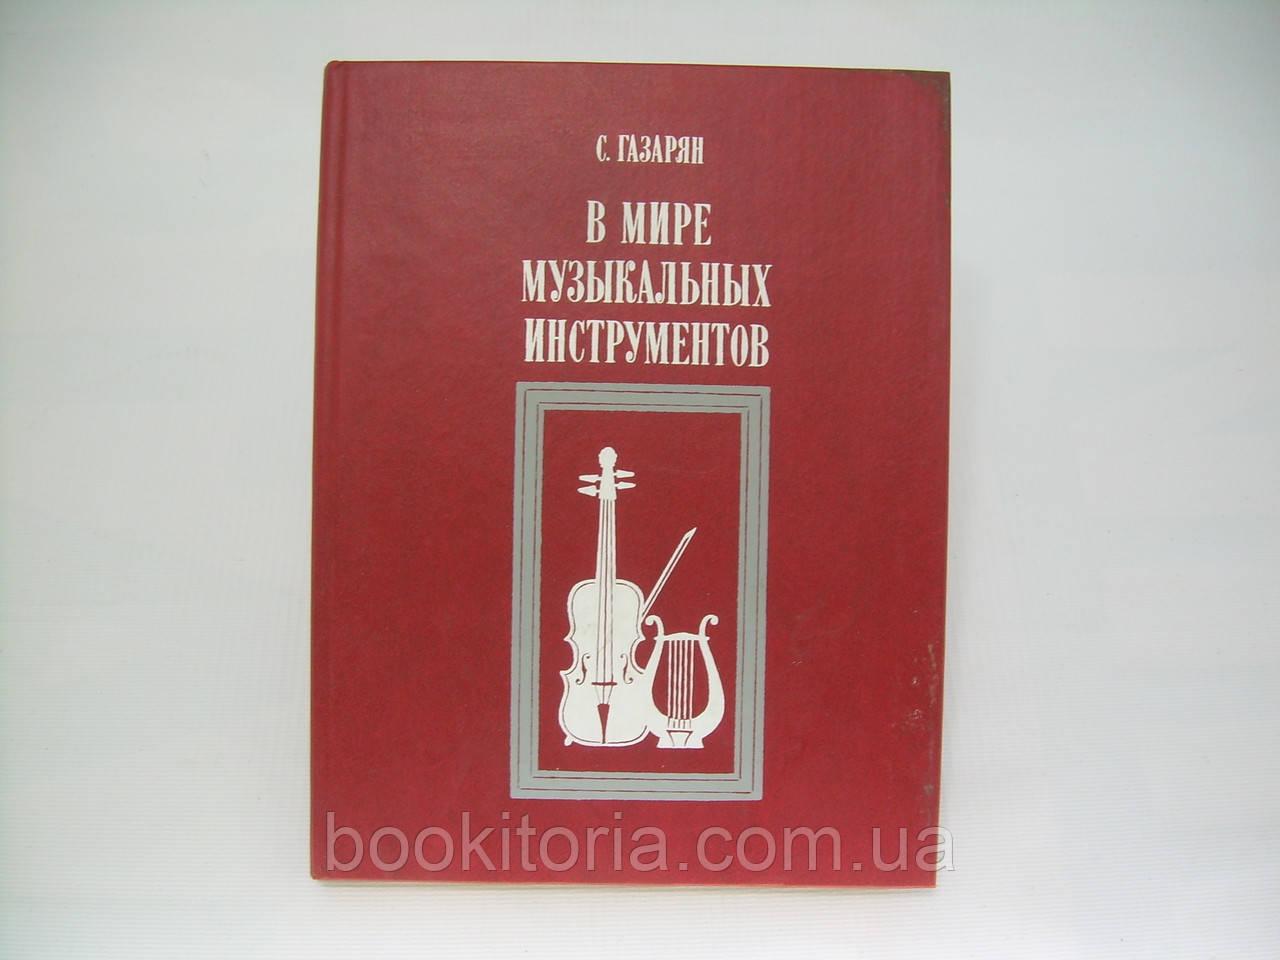 Газарян С. В мире музыкальных инструментов (б/у).